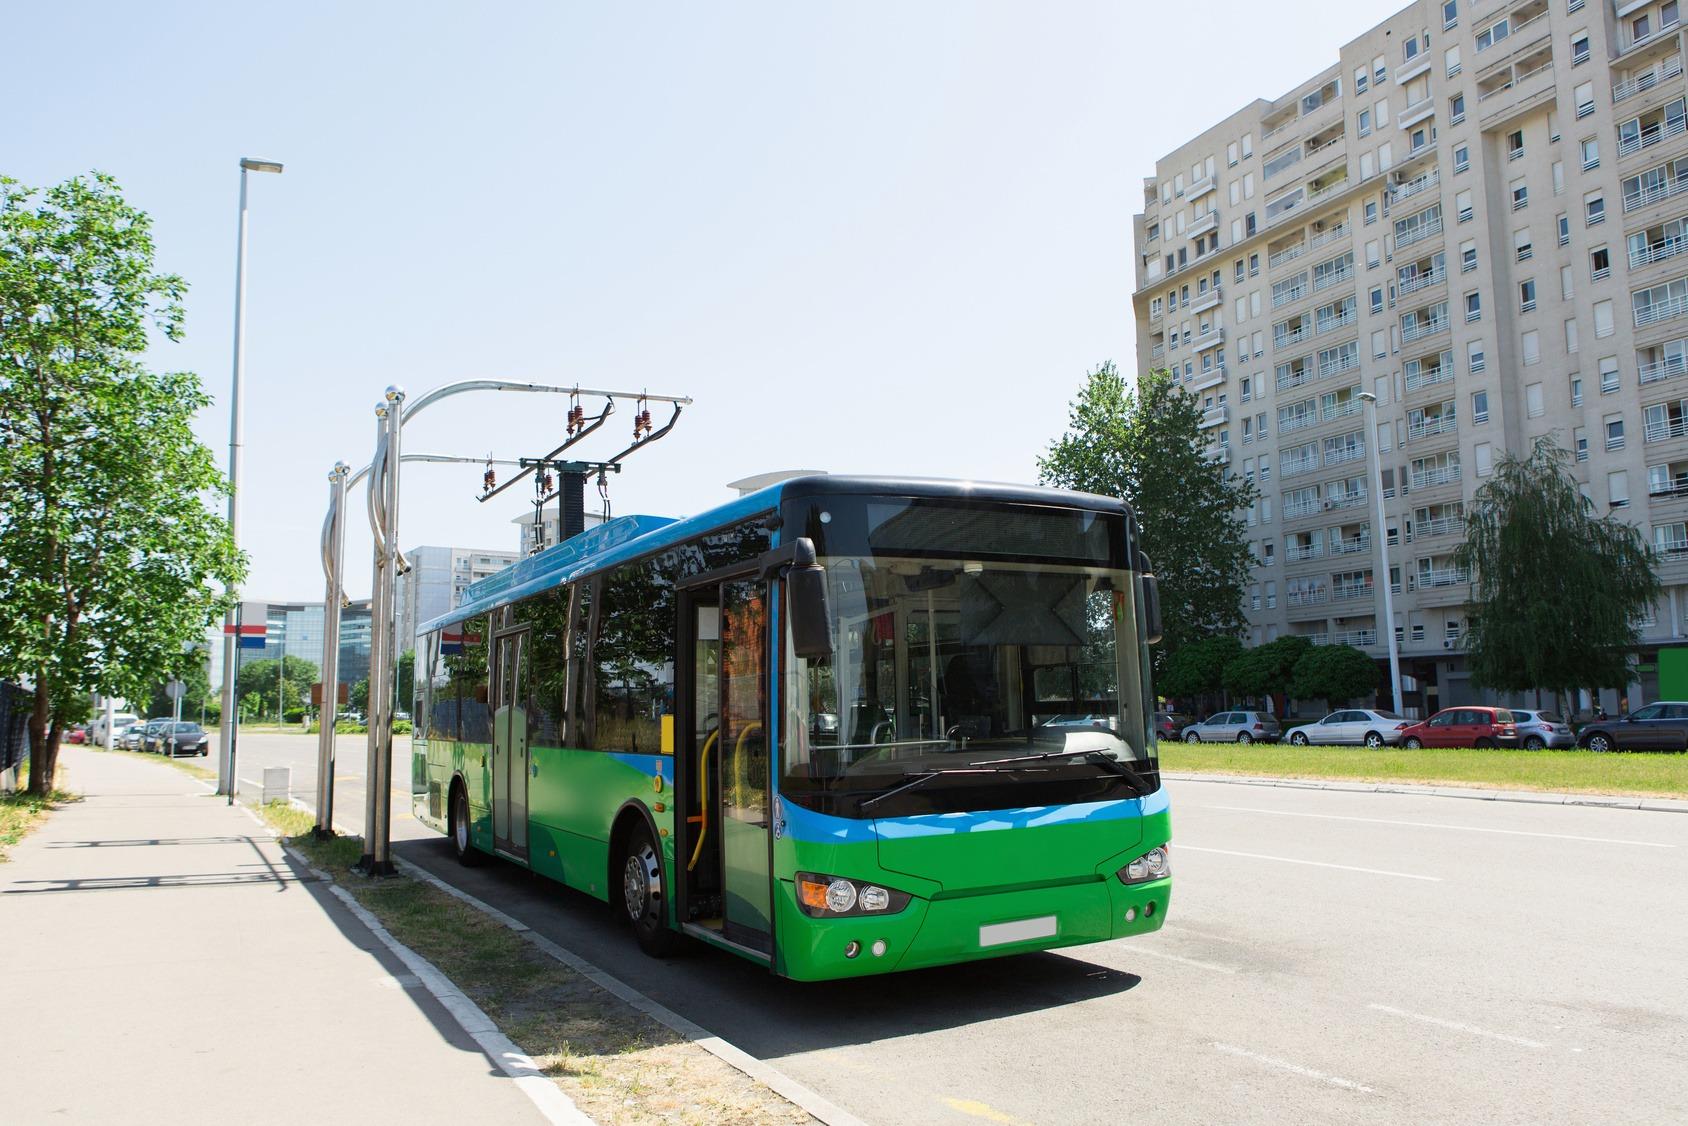 Elektrobus an einer Ladestation auf der Straße.